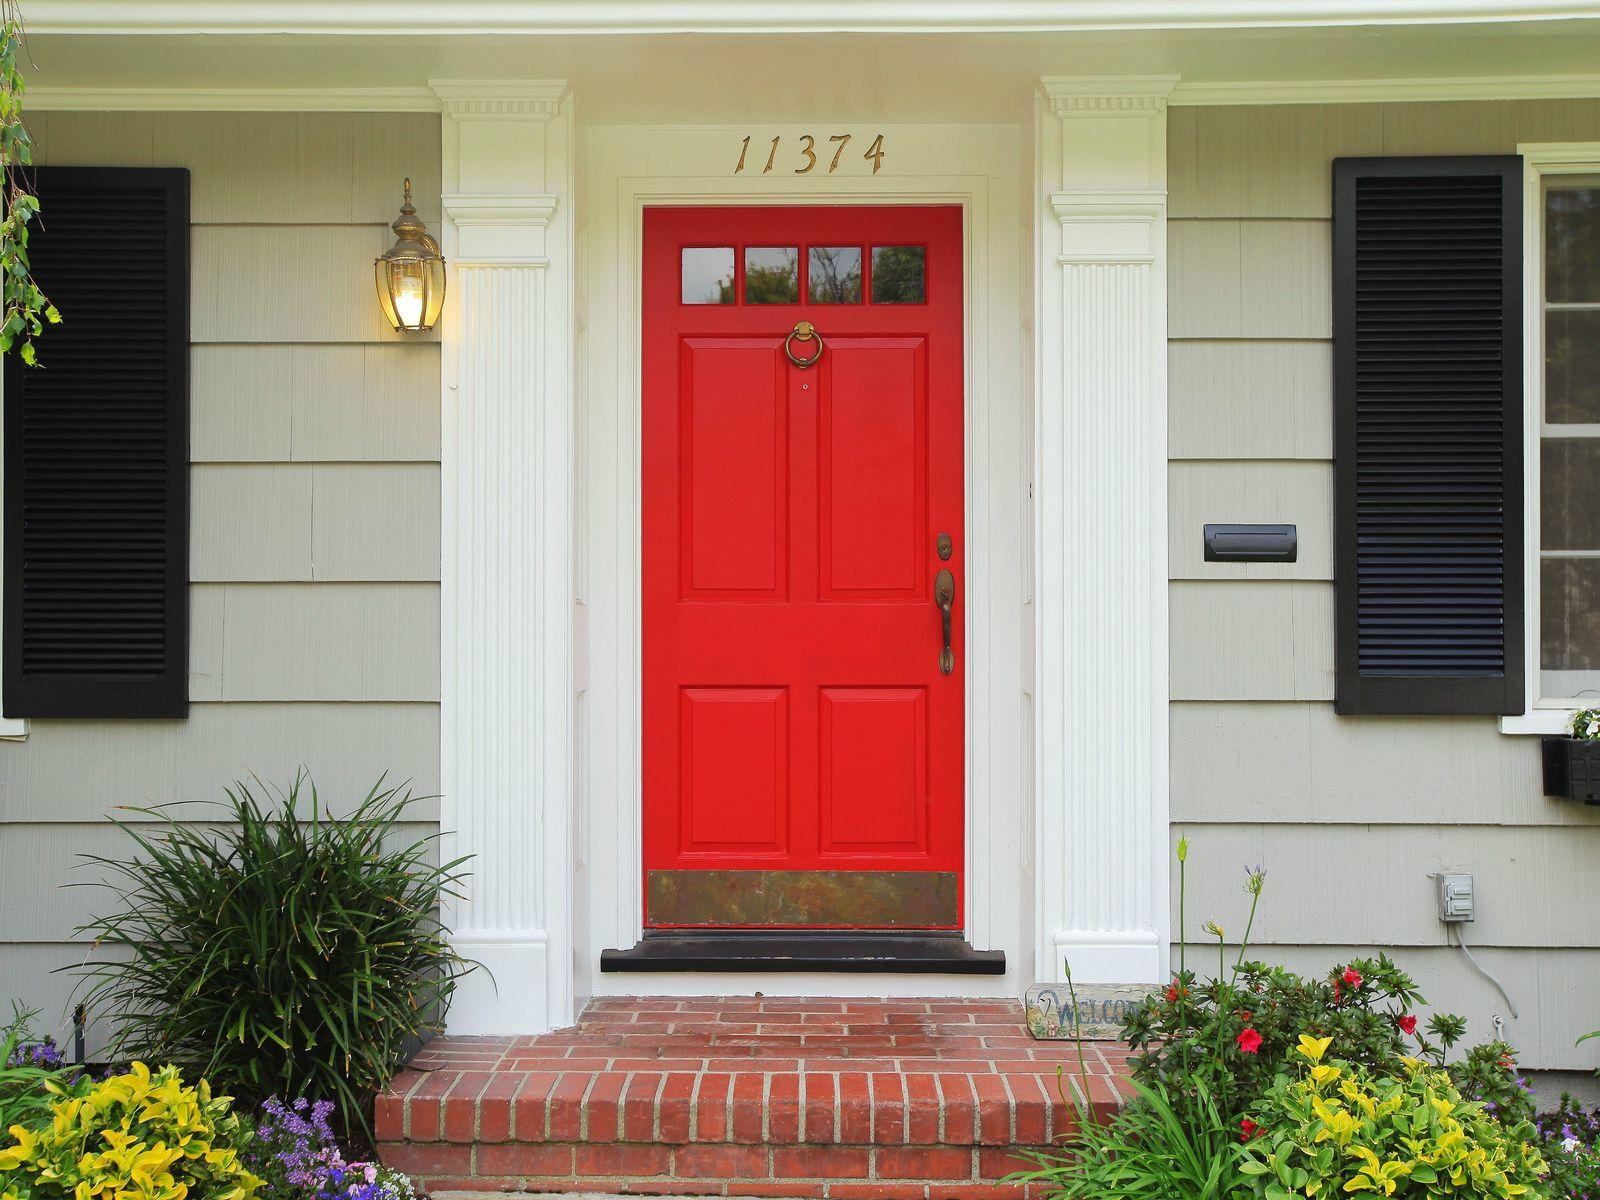 11374 Homedale Street